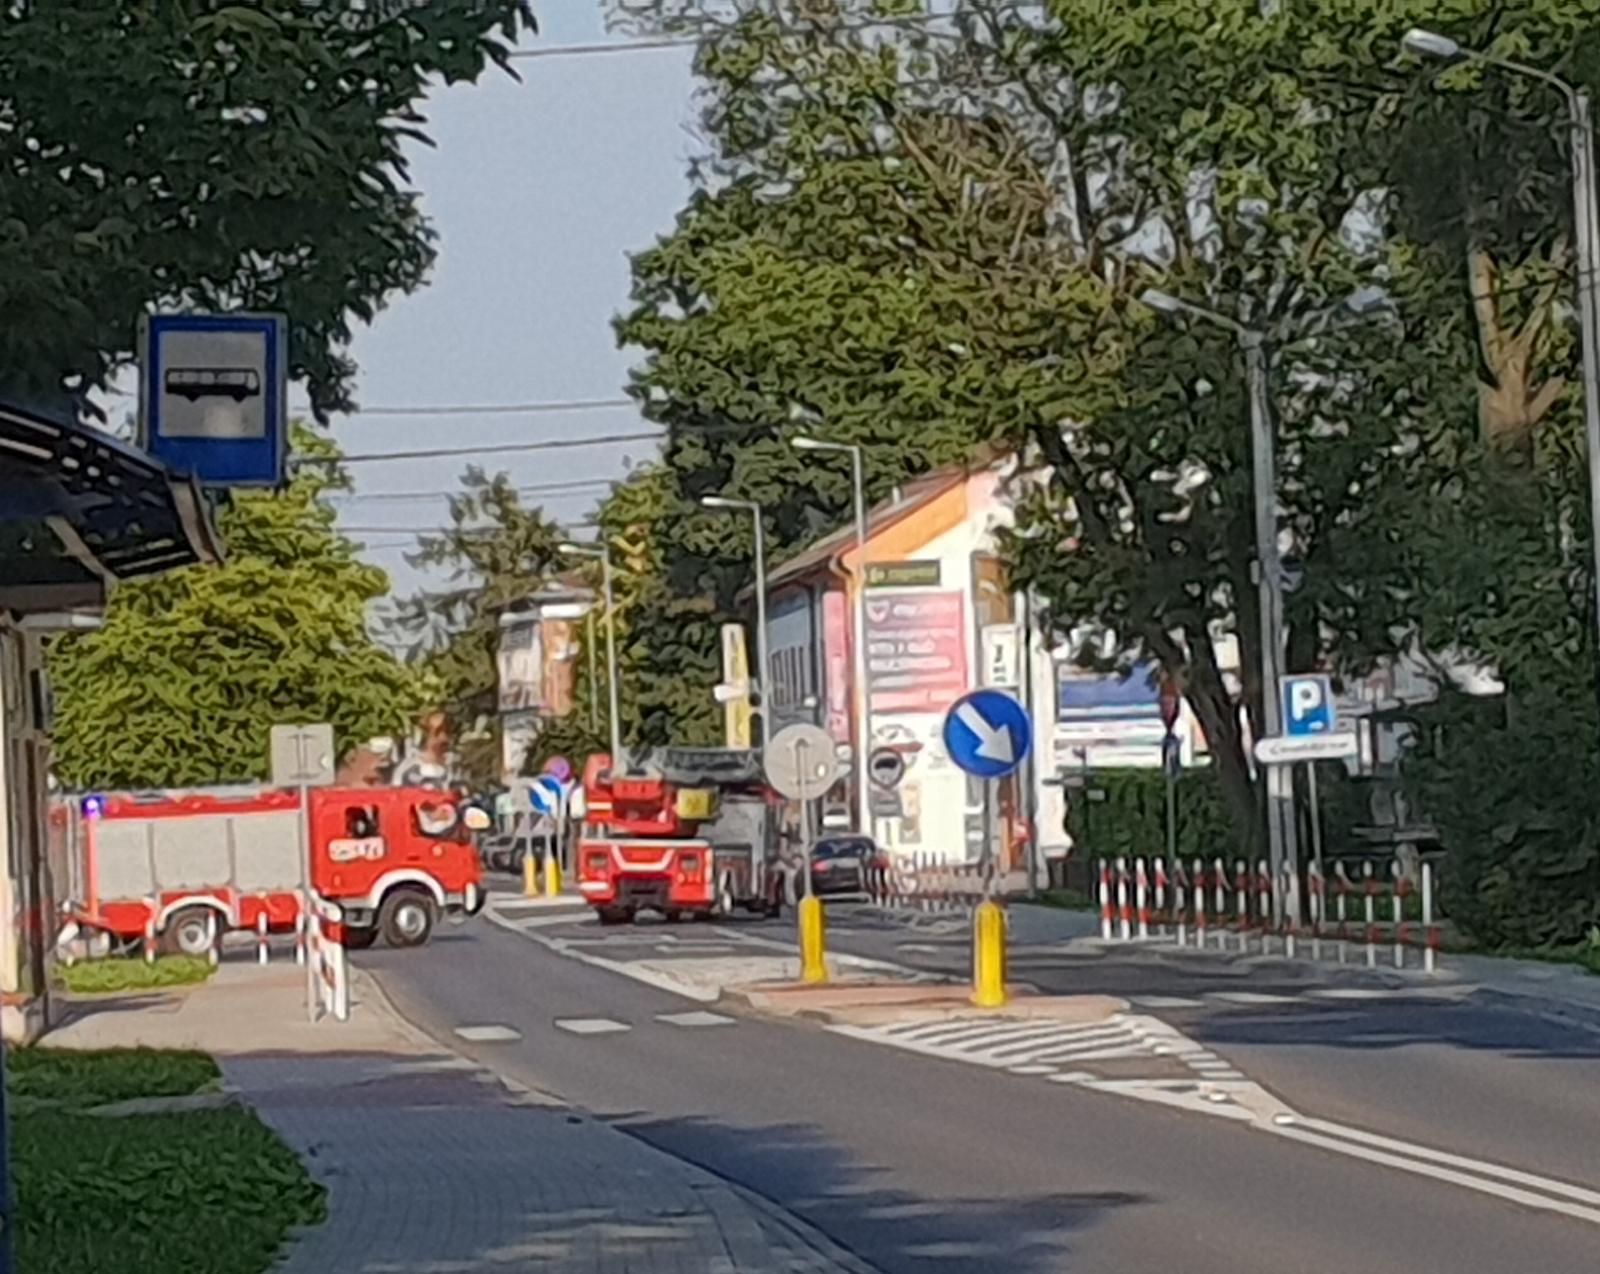 Strażacy wezwani do pożaru samochodu